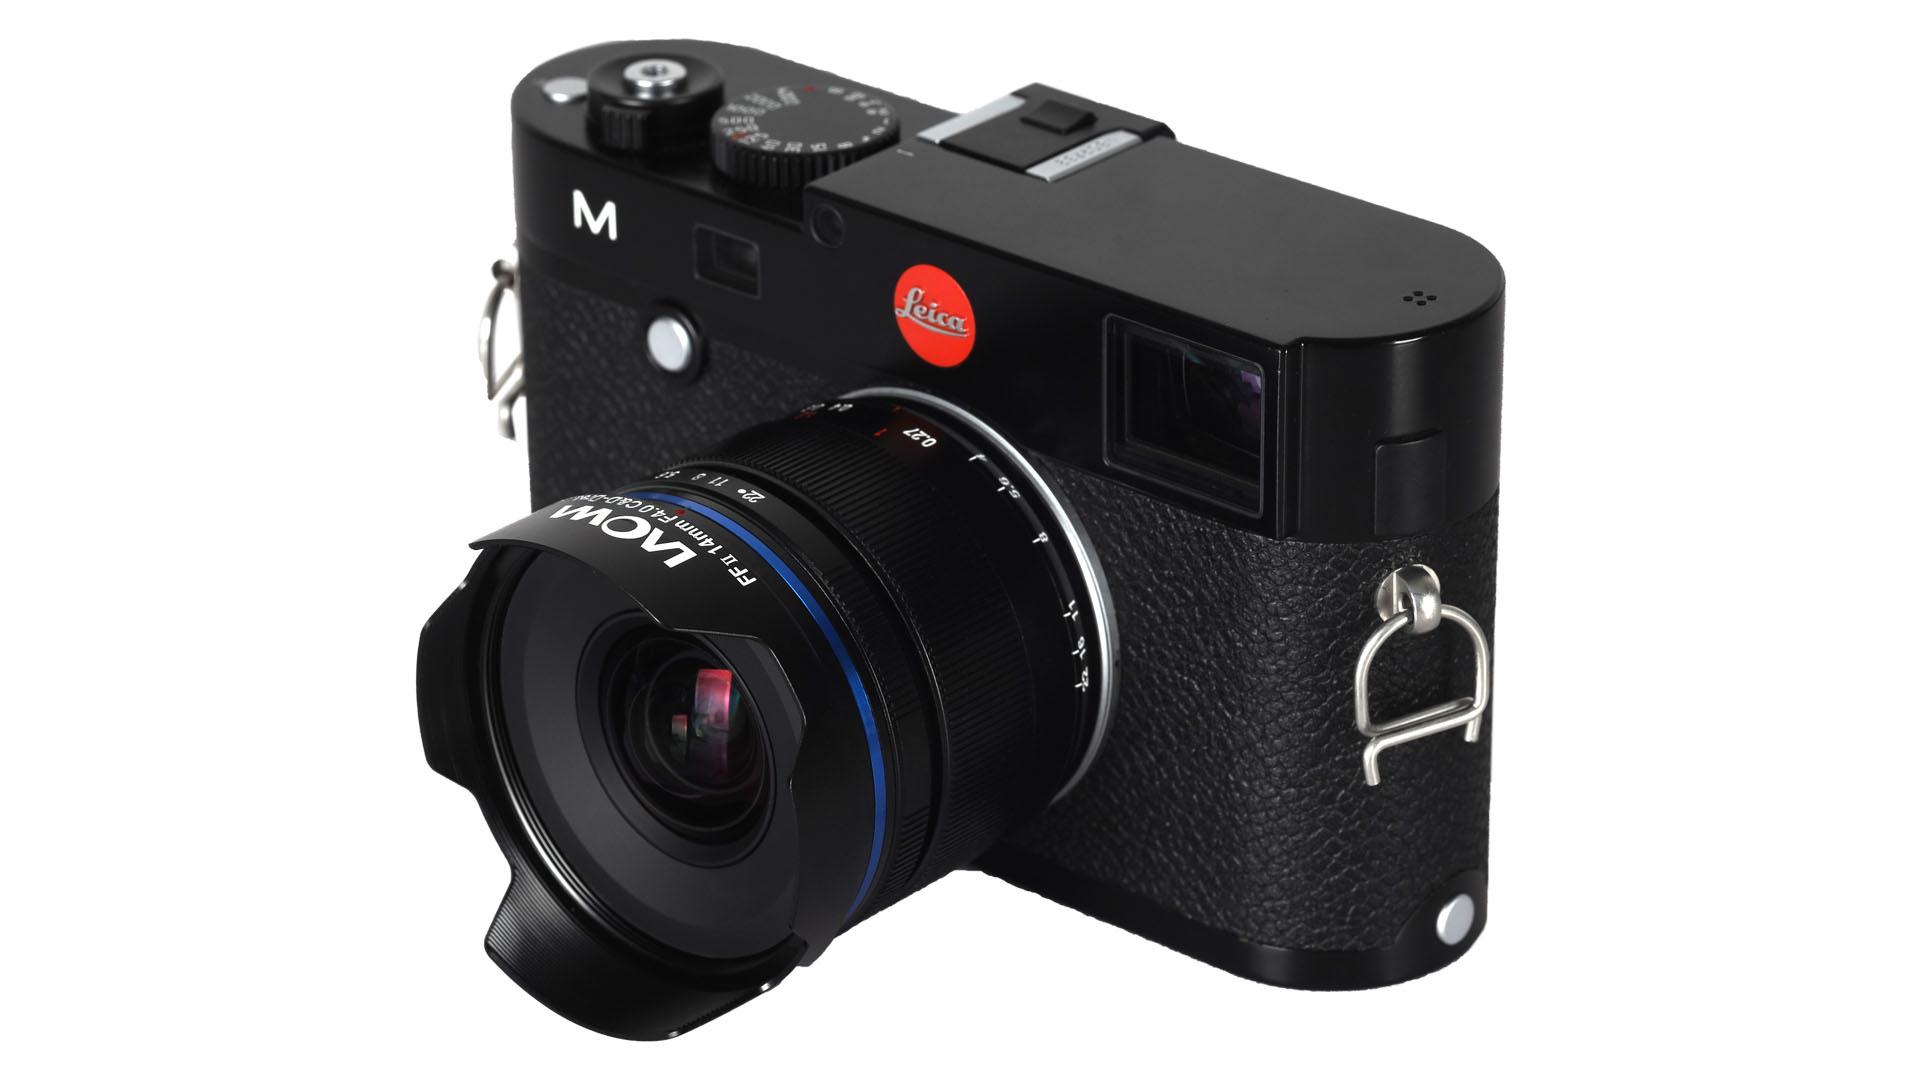 Laowa 11mm f/4.5 full-frame prime lens